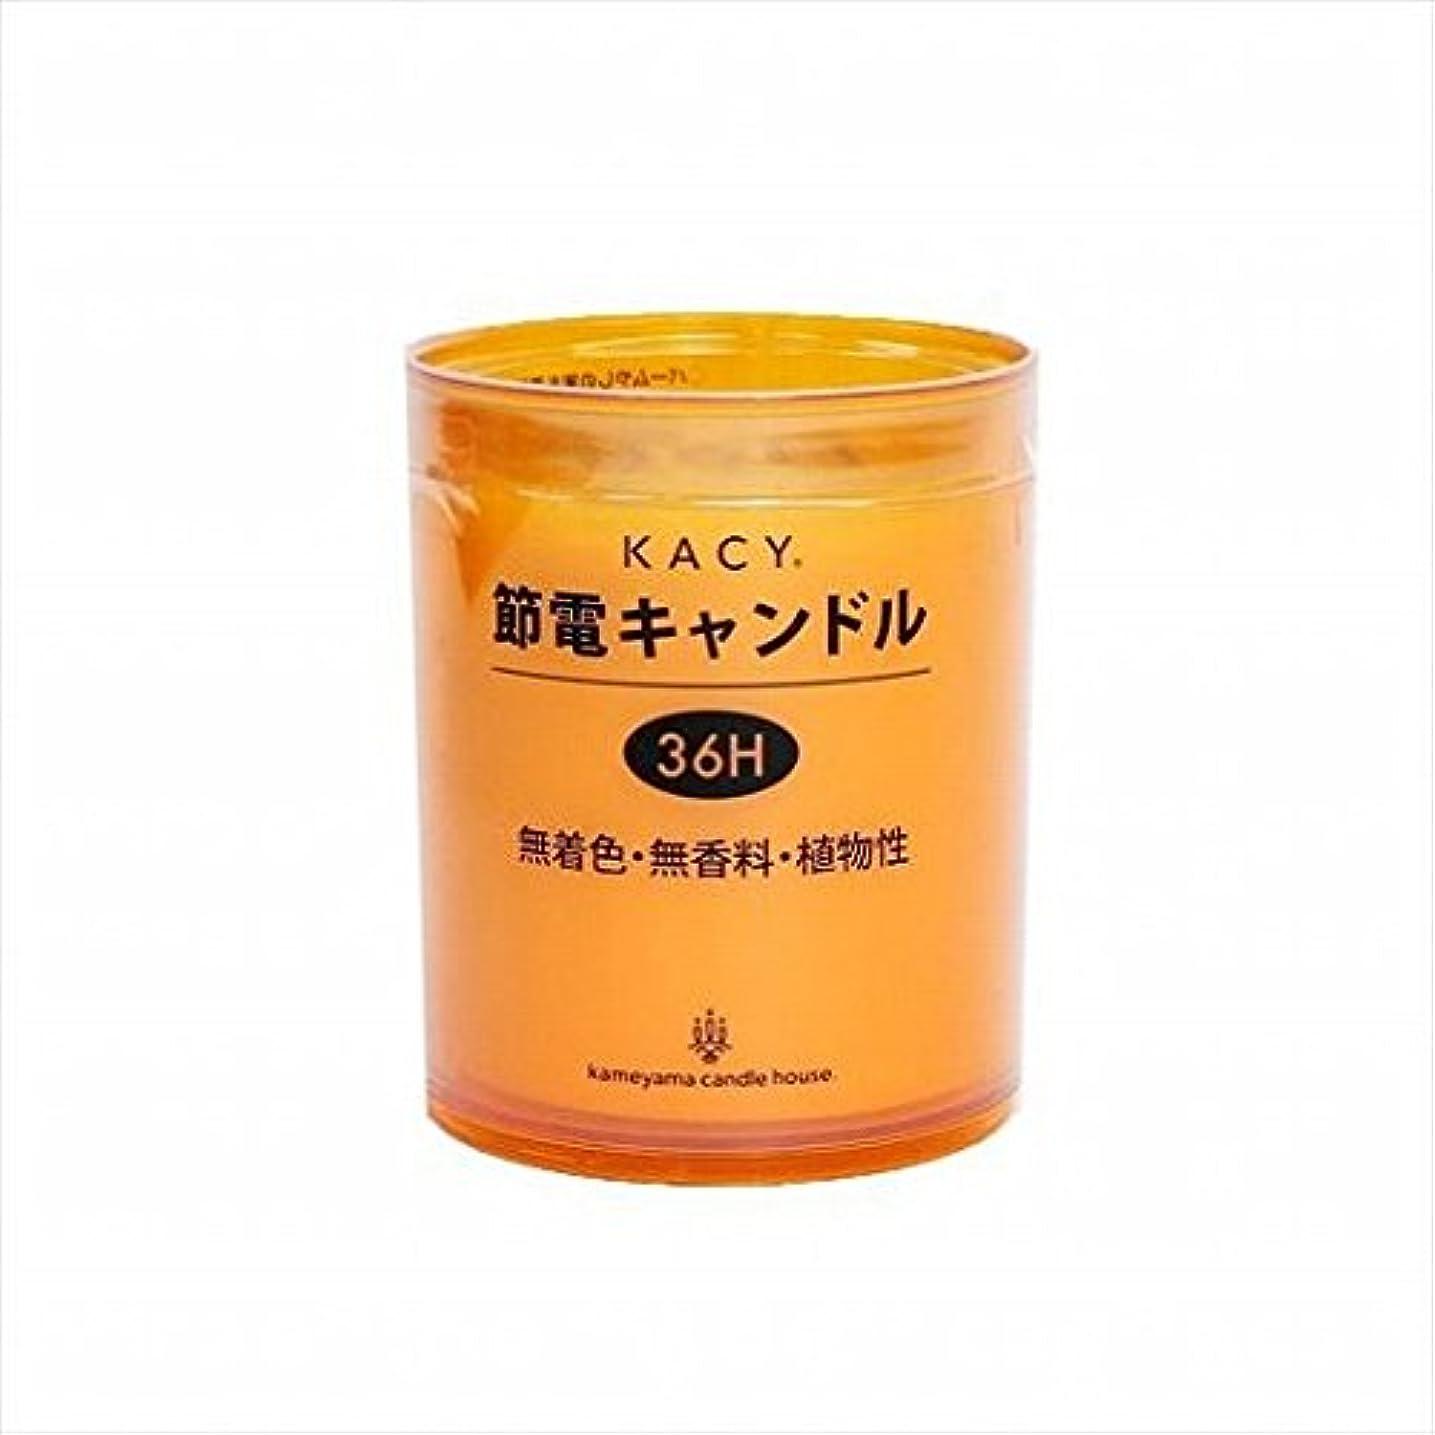 アカデミック手段すりkameyama candle(カメヤマキャンドル) 節電キャンドル 36時間タイプ 「 オレンジ 」 キャンドル 83x83x100mm (A9610010OR)